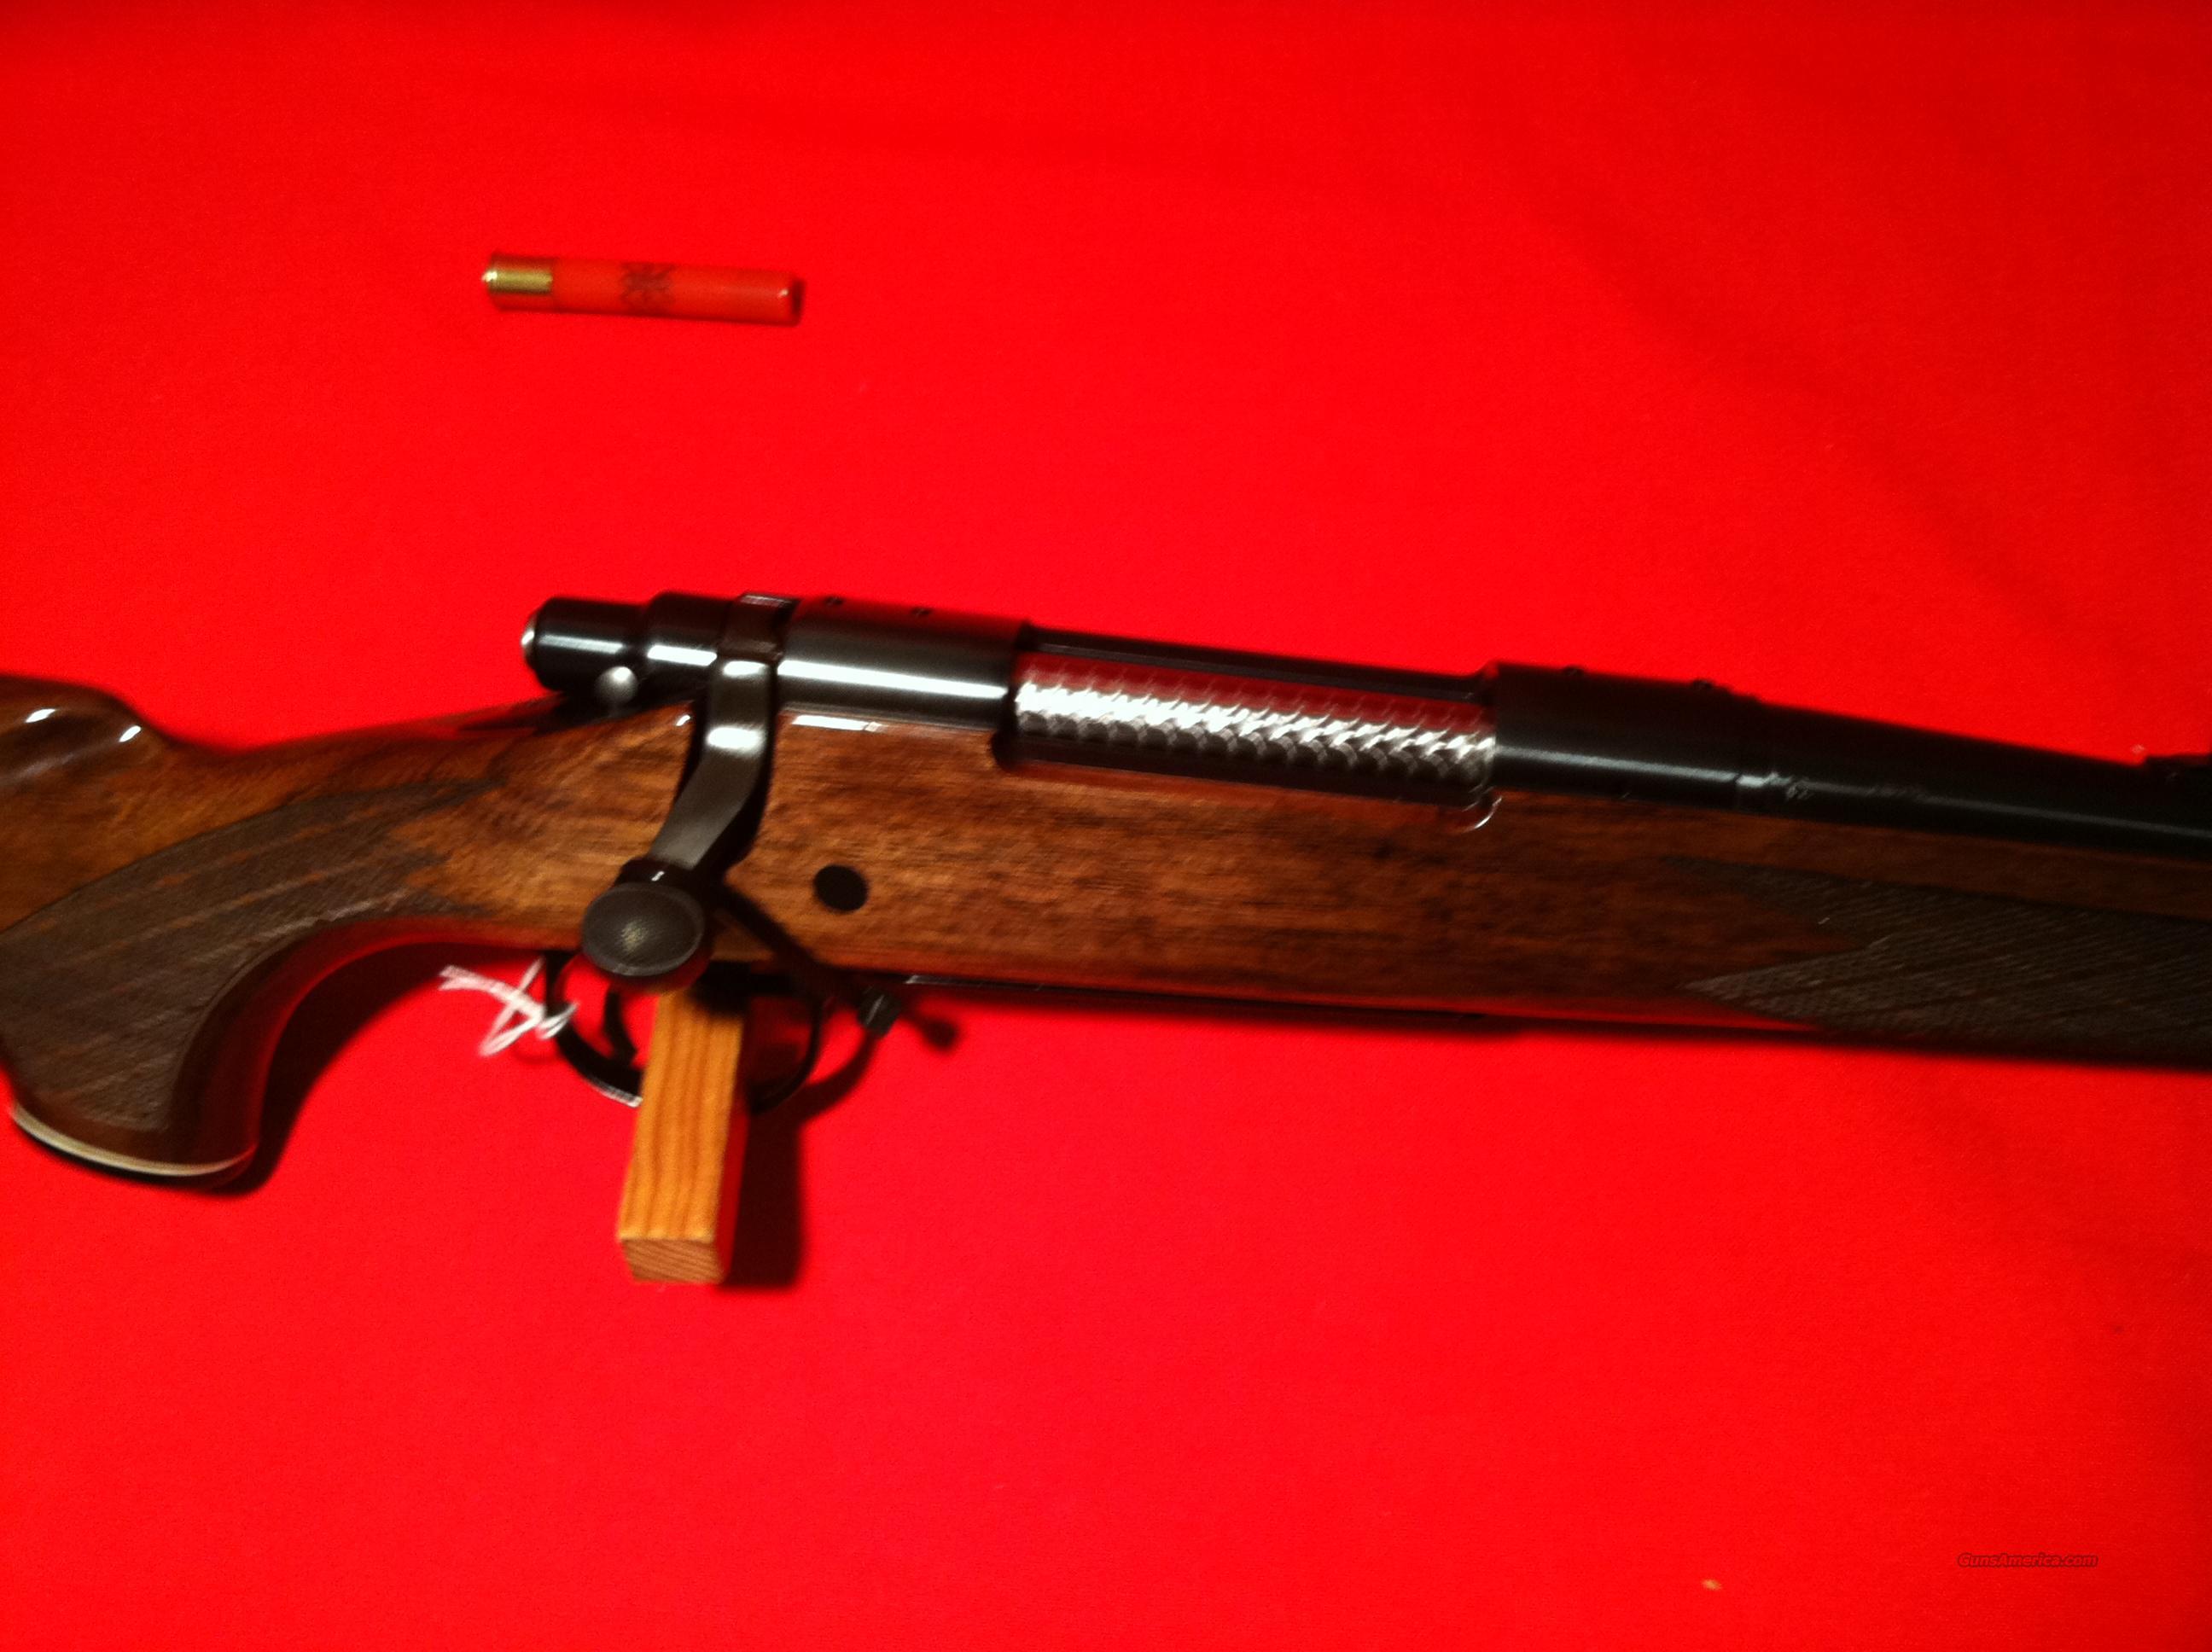 Remington 700 BDL .270  Guns > Rifles > Remington Rifles - Modern > Model 700 > Sporting